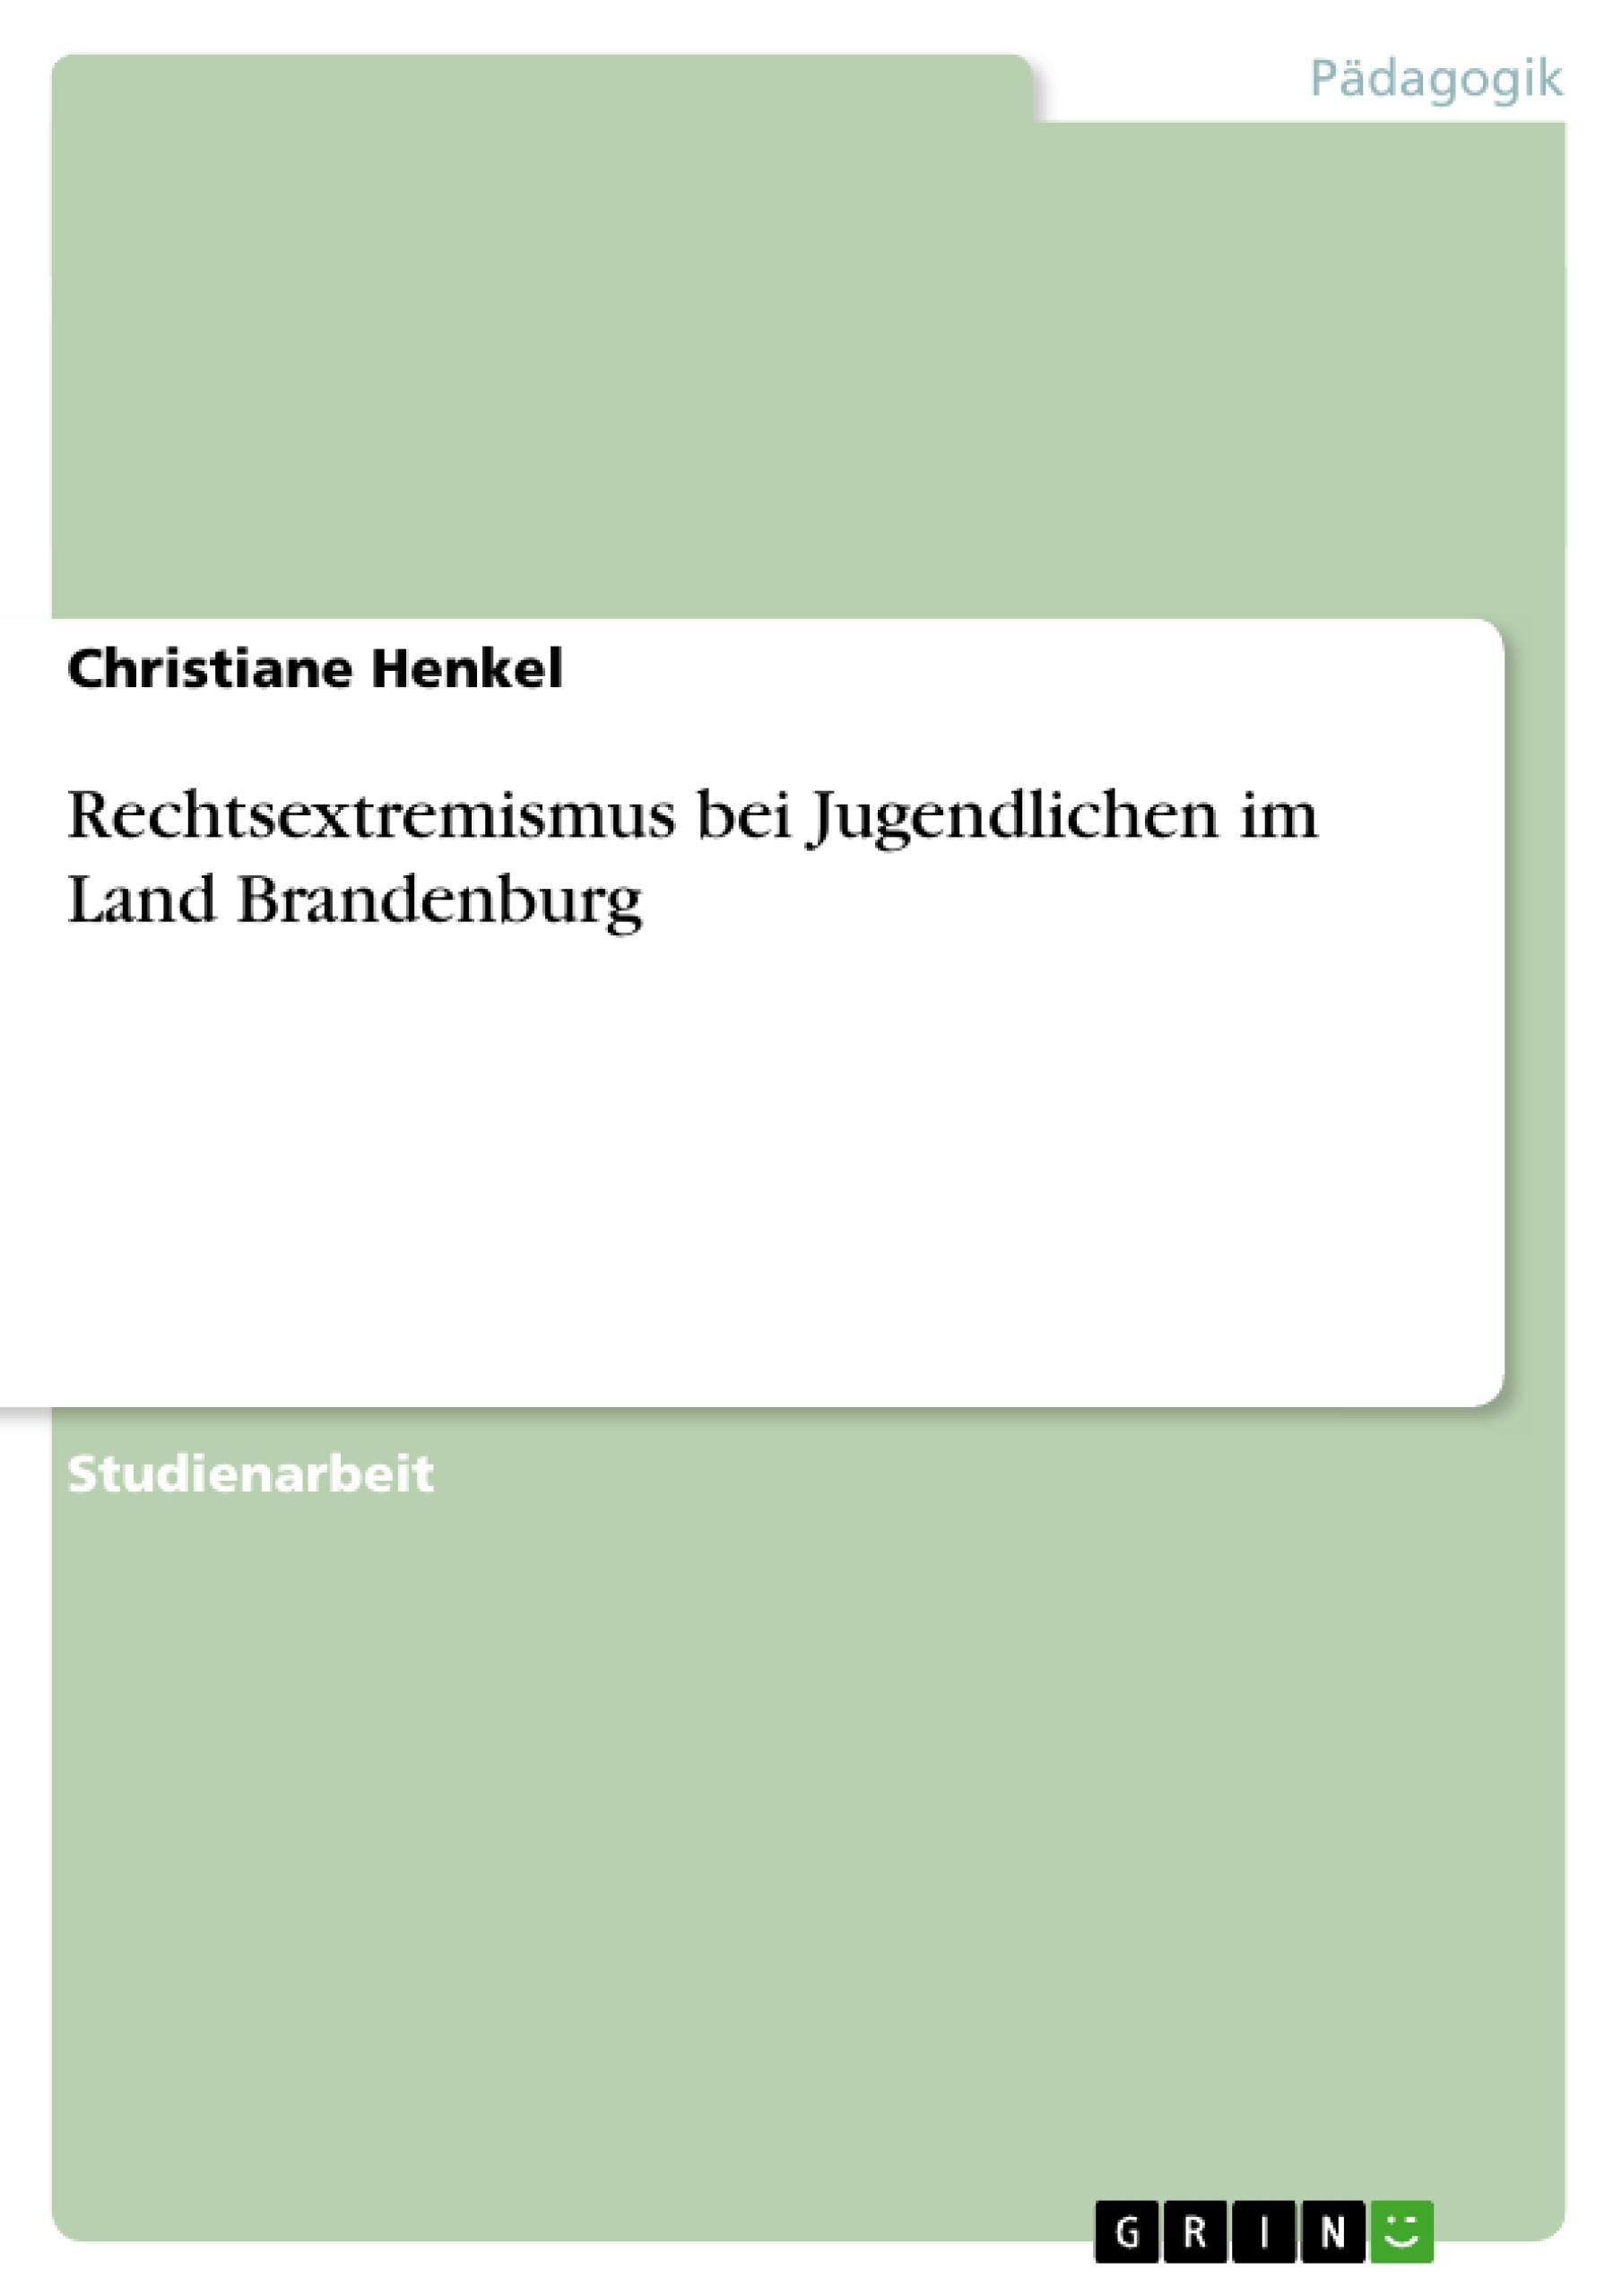 Titel: Rechtsextremismus bei Jugendlichen im Land Brandenburg